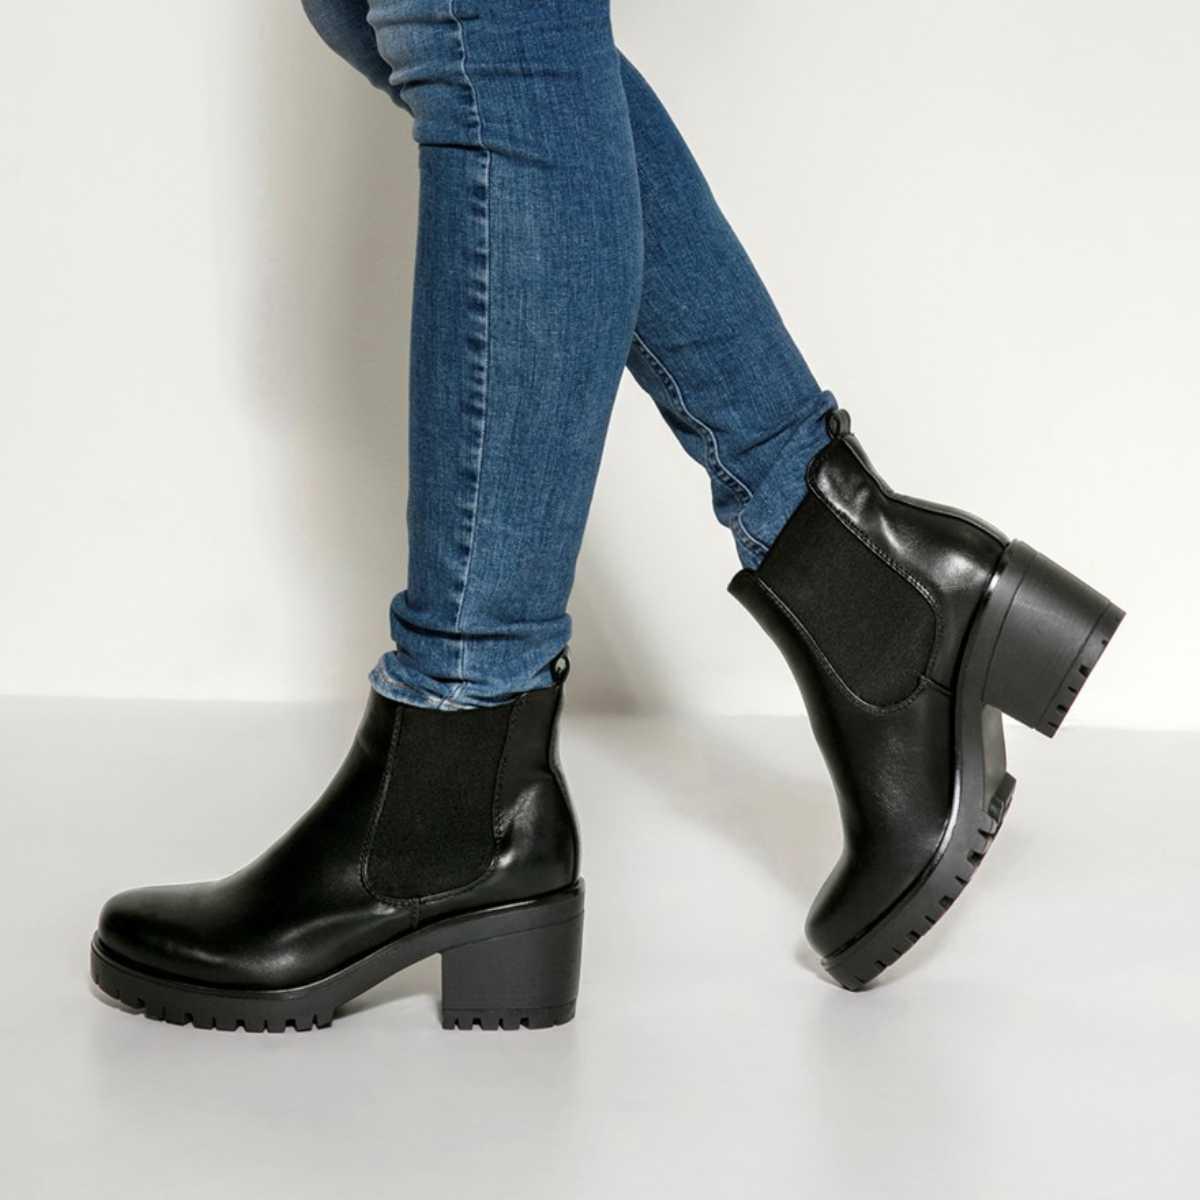 Černé kotníkové boty na podpatku Ditte Boot – 36 fe6d7c76f6